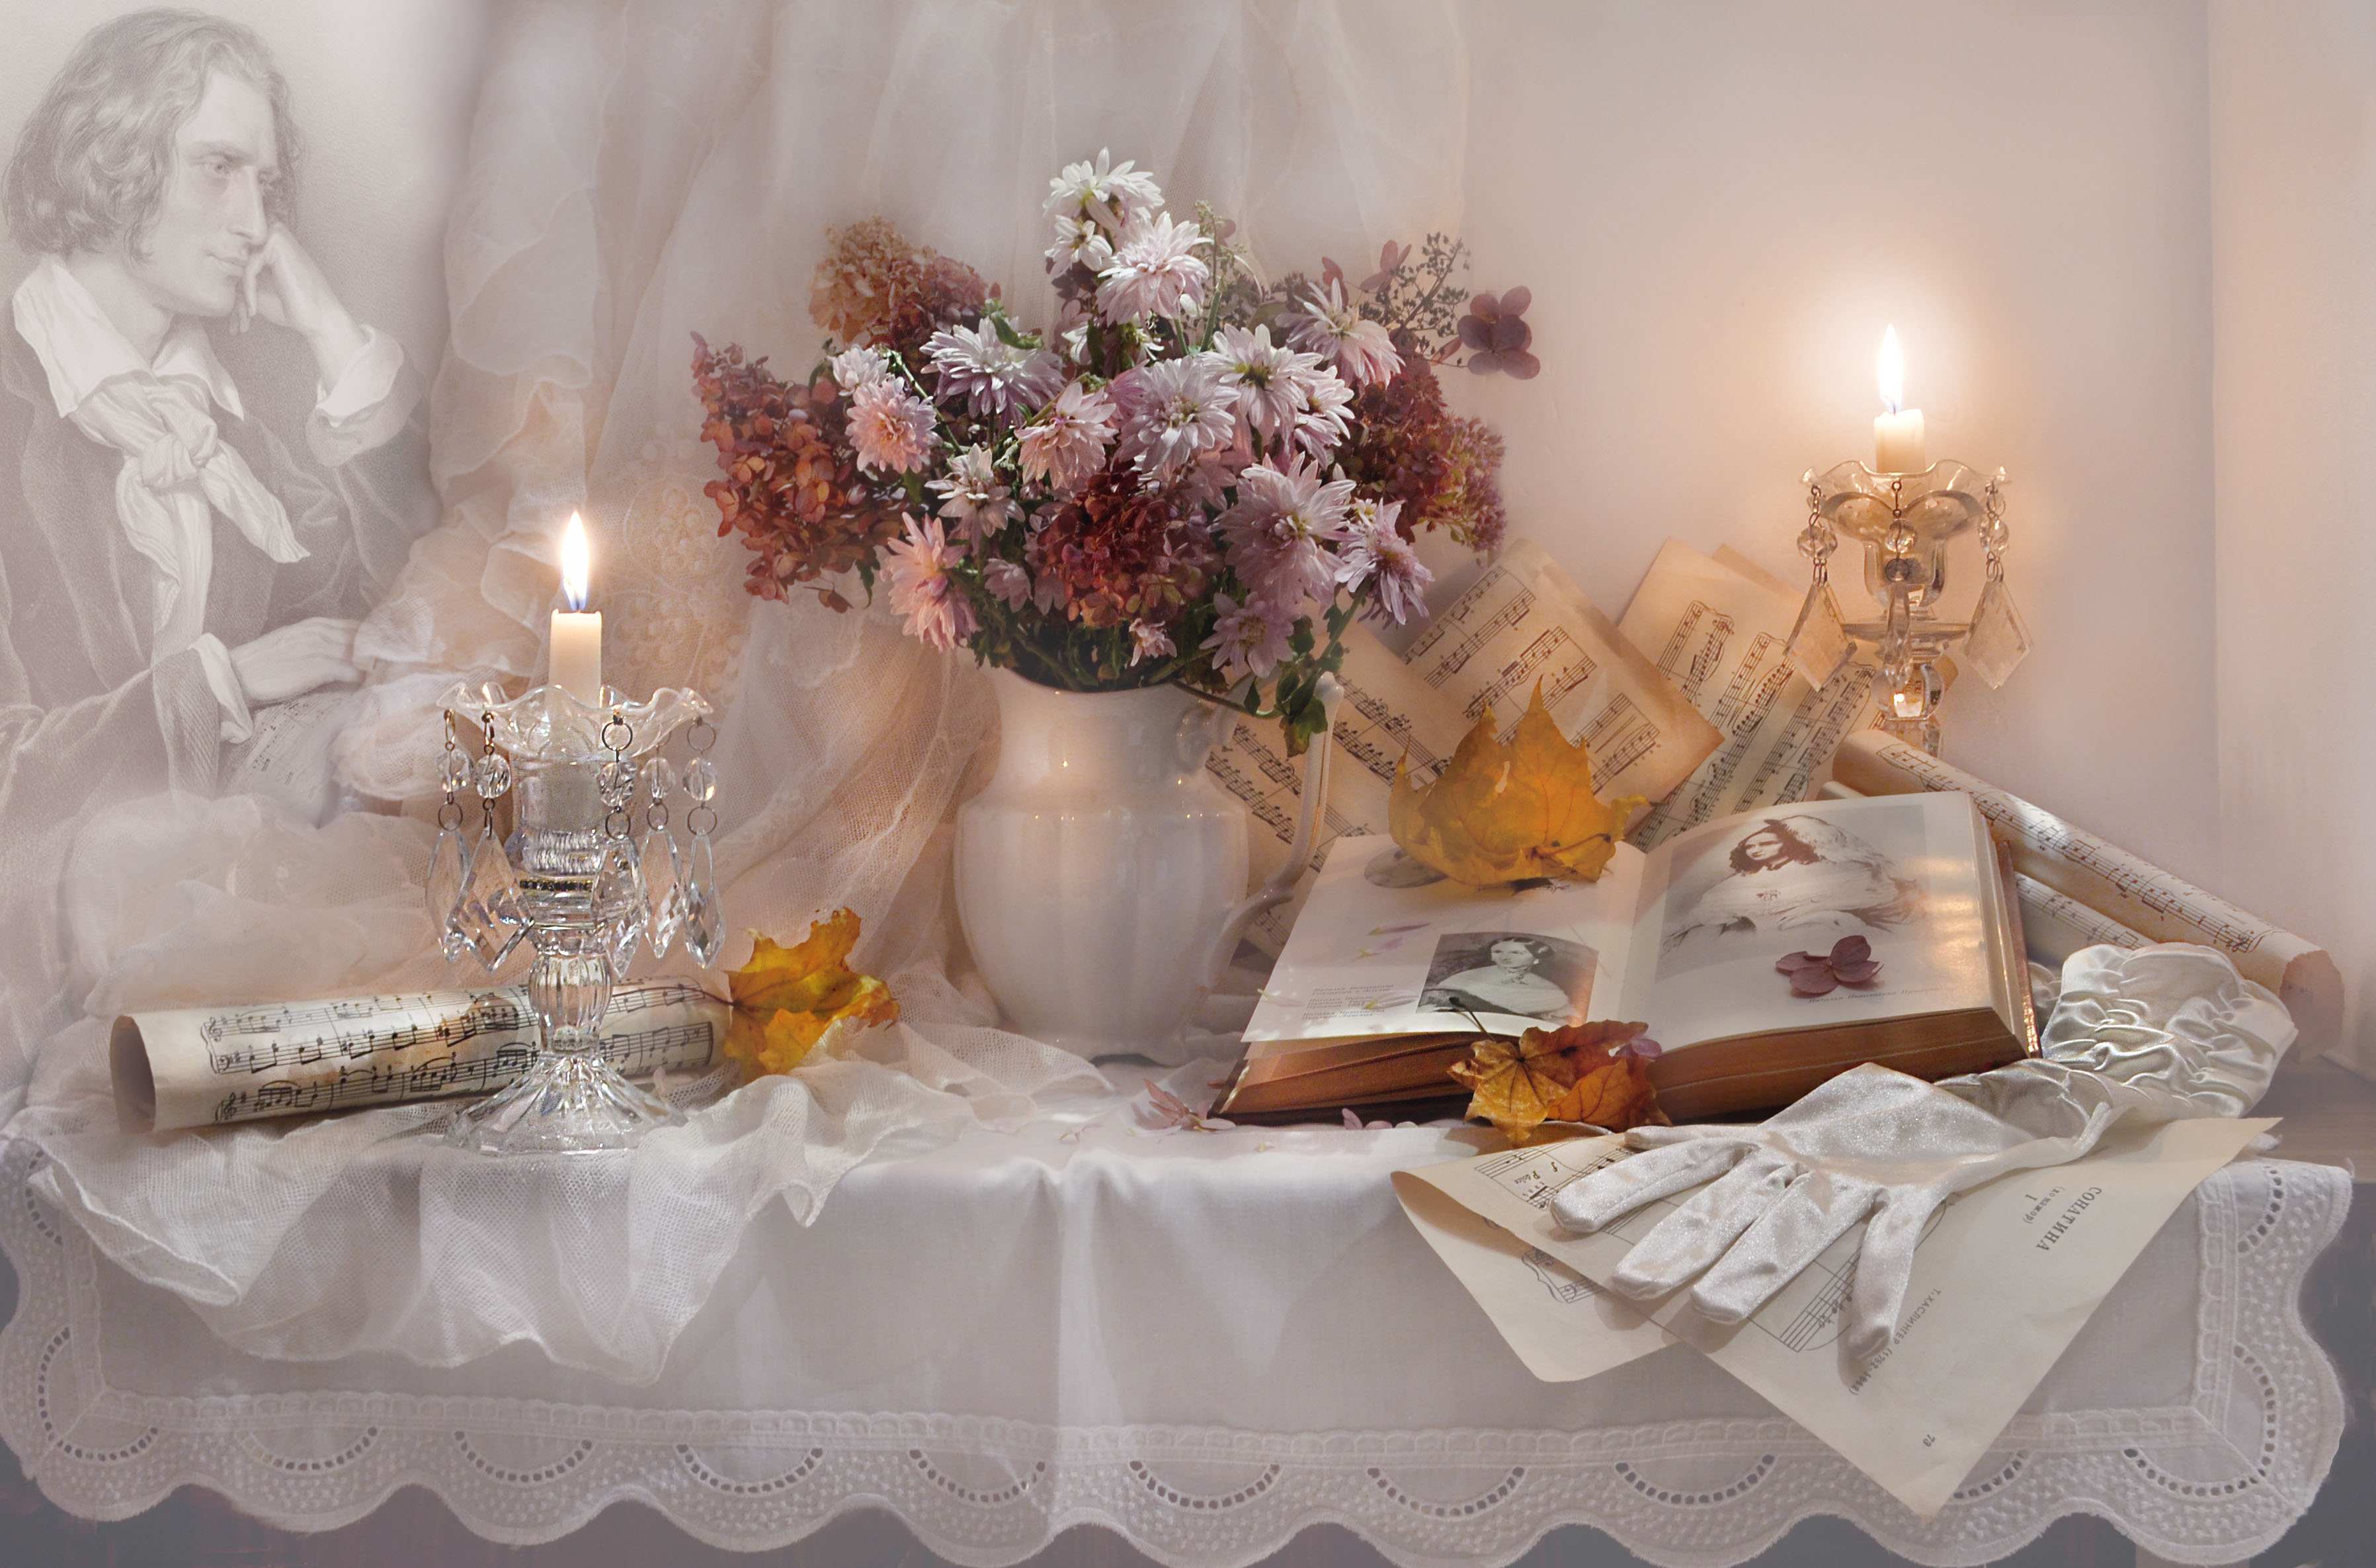 still life,натюрморт,, цветы,фото натюрморт,декабрь, зима, ференц лист, композитор, свечи, подсвечники, ноты, книга, стихи, перчатки, листья, хризантемы, Колова Валентина